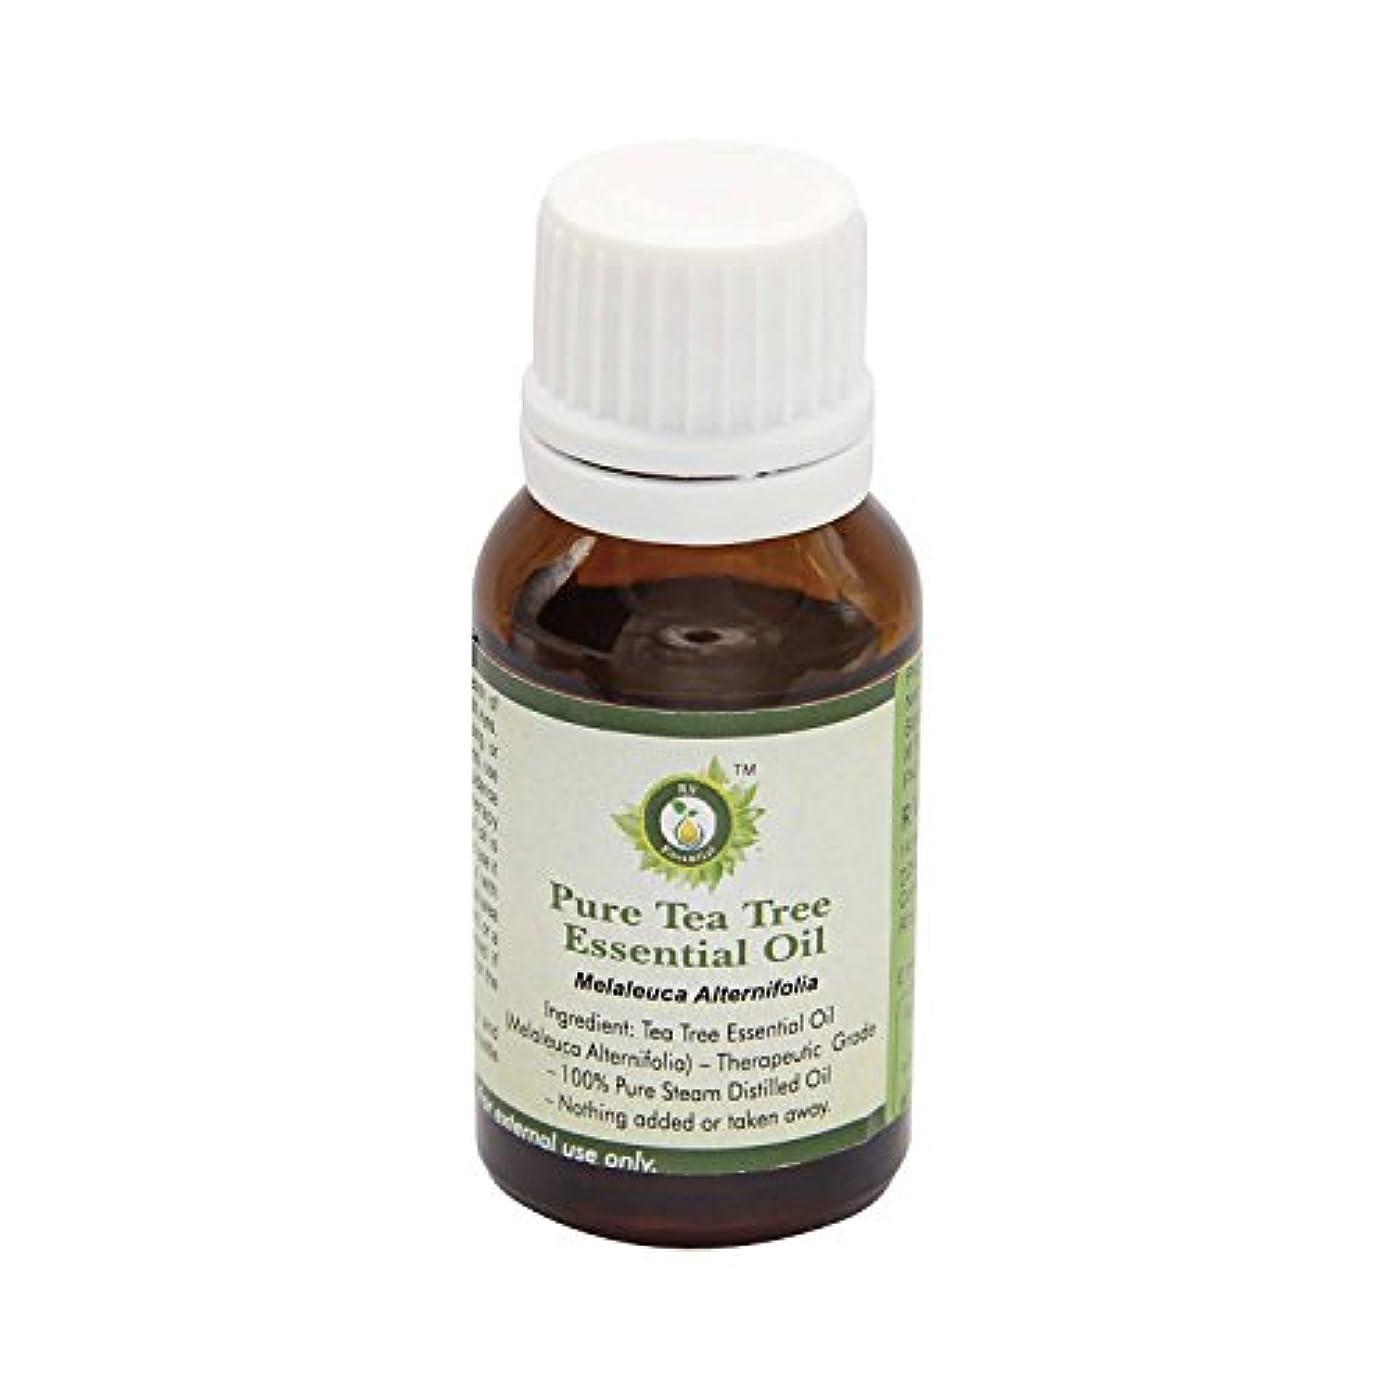 現れる取り消すカリングR V Essential ピュアティーツリーエッセンシャルオイル15ml (0.507oz)- Melaleuca Alternifolia (100%純粋&天然スチームDistilled) Pure Tea Tree...